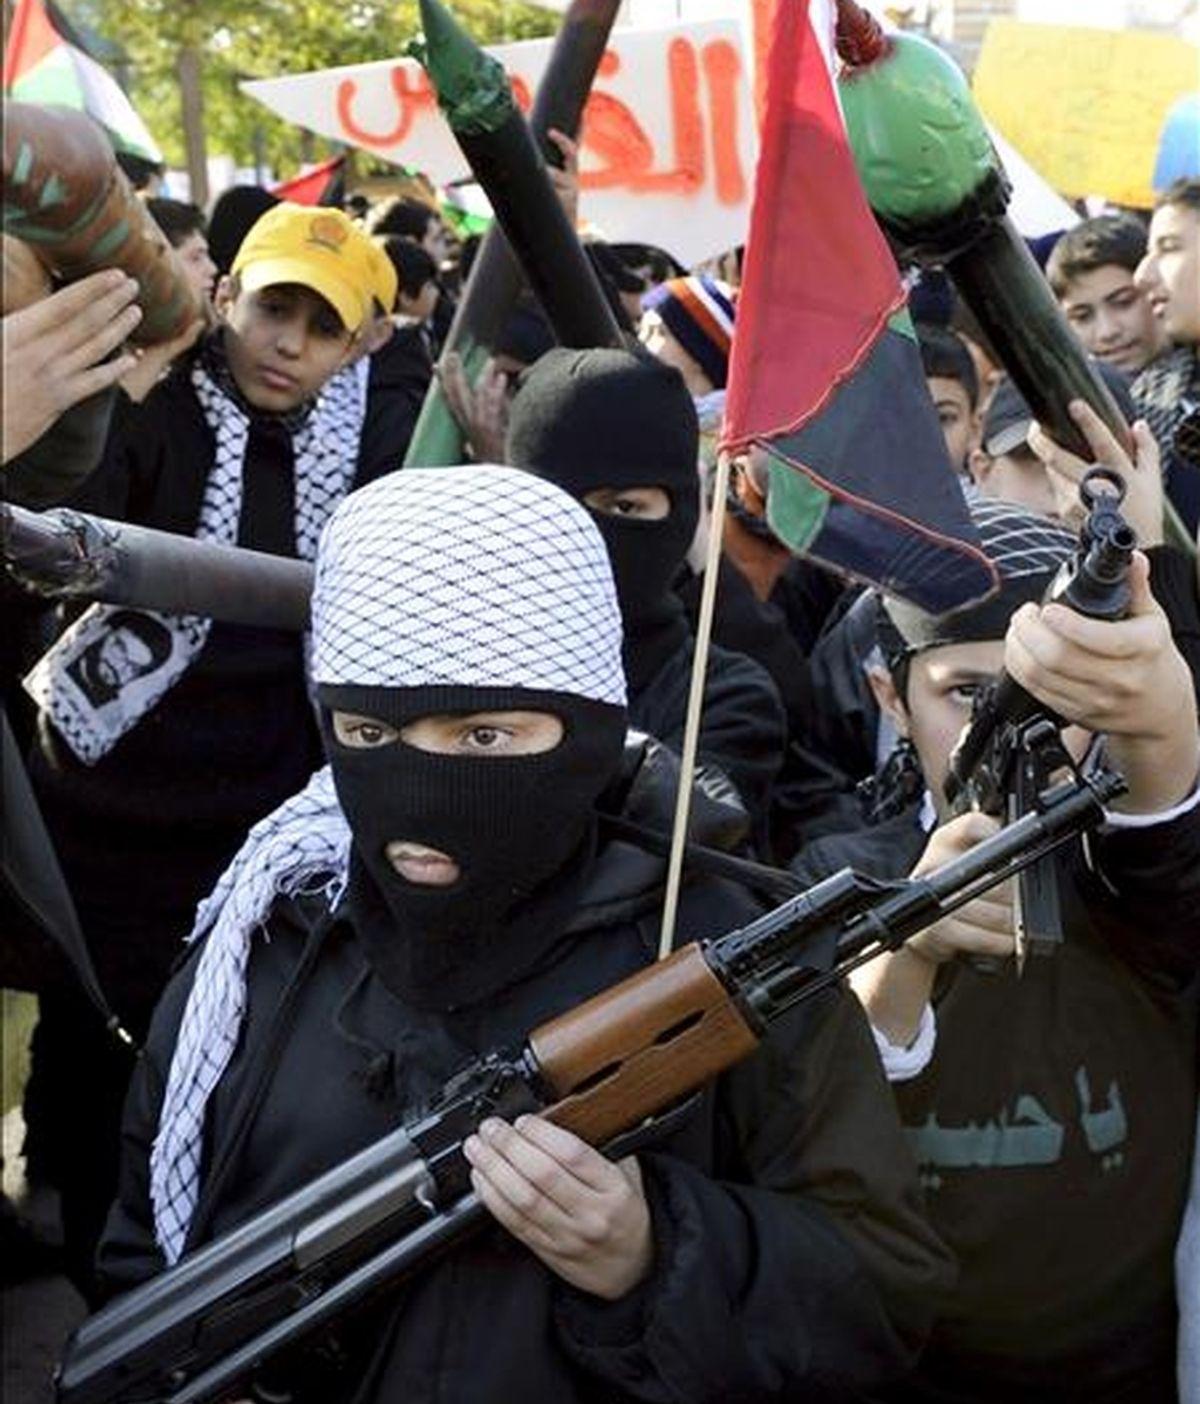 Alumnos libaneses de Hizbulá portan armas de plástico durante una protesta. EFE/Archivo